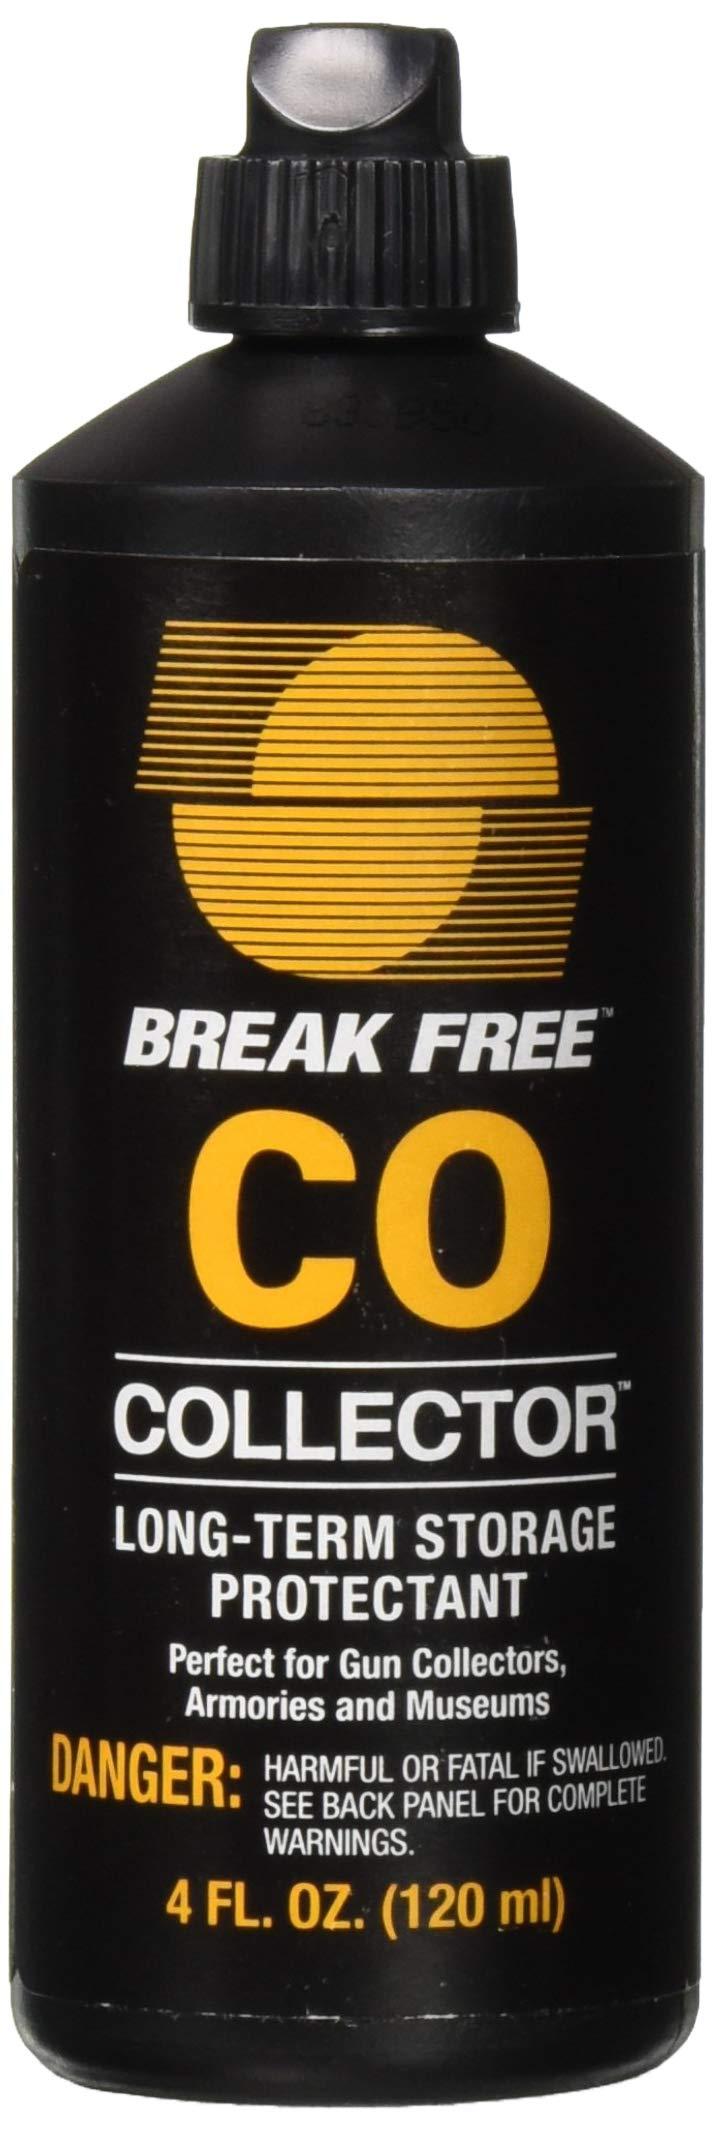 Break-Free, Model: CO-4 Collector by BreakFree